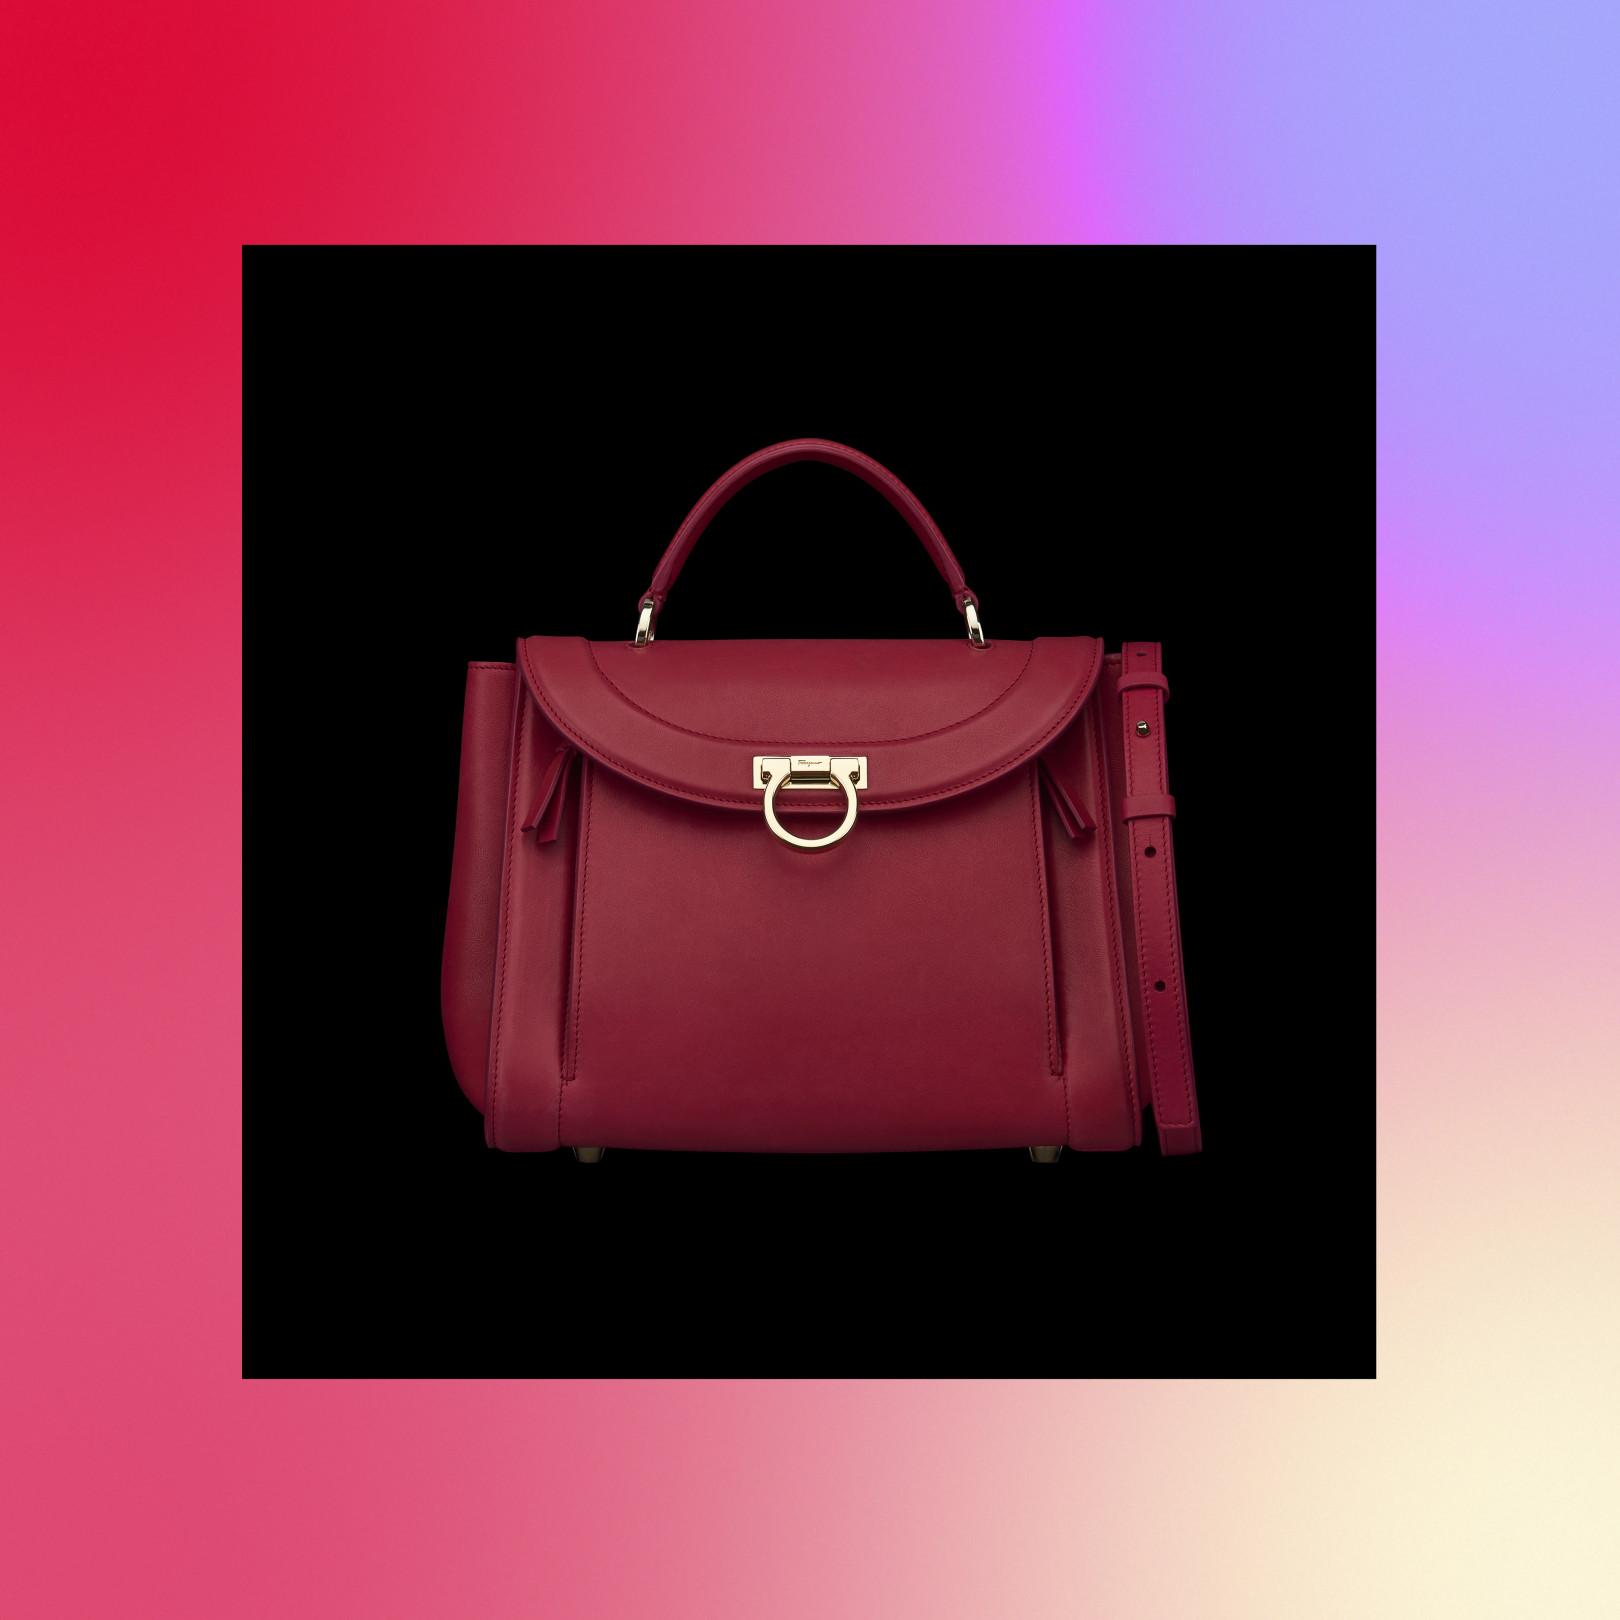 1d484201d129 2009年に誕生した「ソフィア」の最新バージョンとなる「ソフィア・ レインボー」は、ブランドの象徴的な要素をしっかりと表現しつつ、モダンでフェミンな  ...